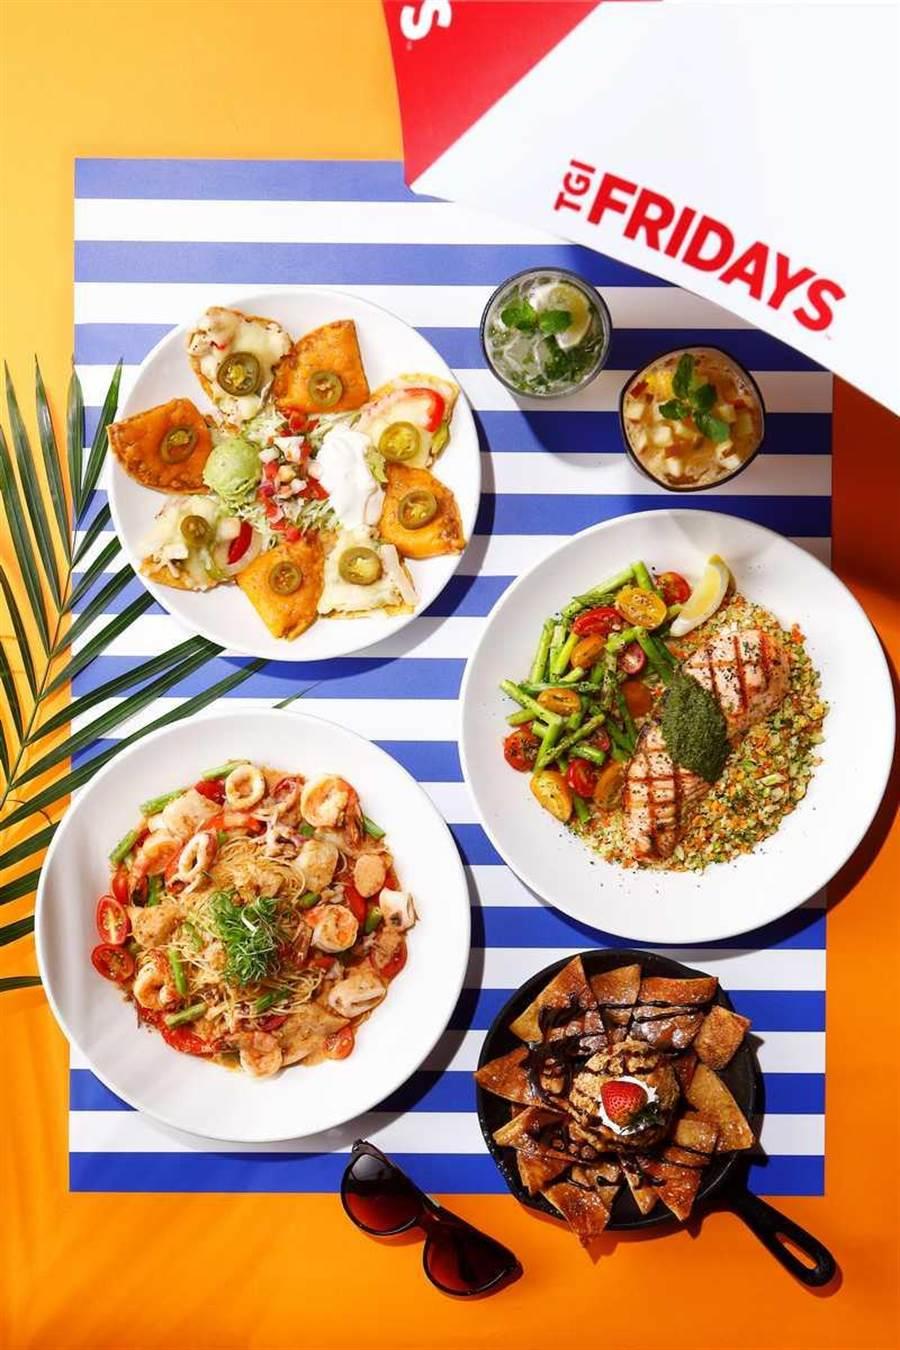 結合特色的「蔬菜米」與多國料理手法,讓「吃夏趣」夏季料理既輕盈又開胃。(圖片提供/TGI FRIDAYS)